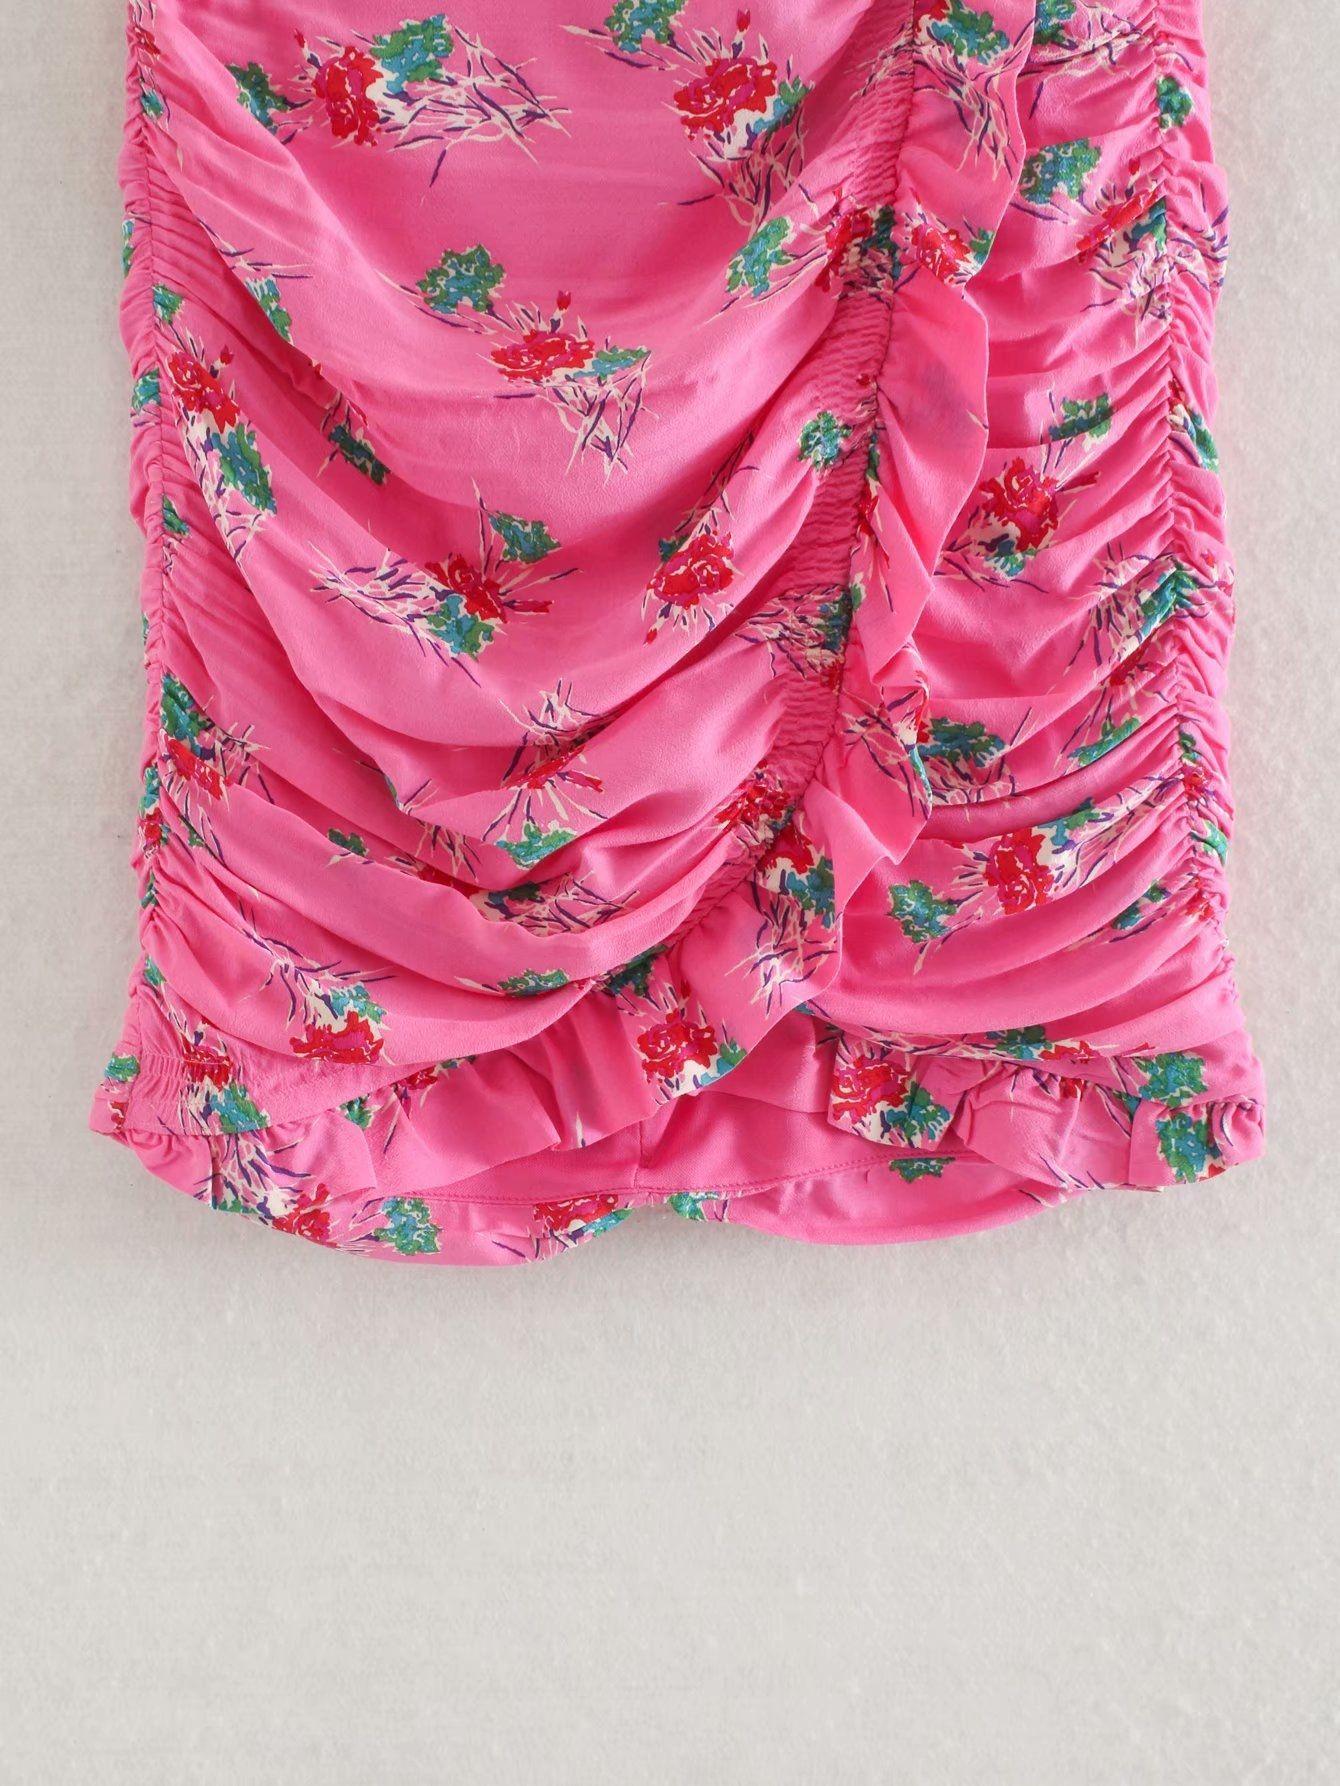 2pmxt 57xTR 2020 decorativo donne della molla laminata a pieghe plissettate lamellare mini Minigonna stampata delle donne primavera decorativo 2020 stampati